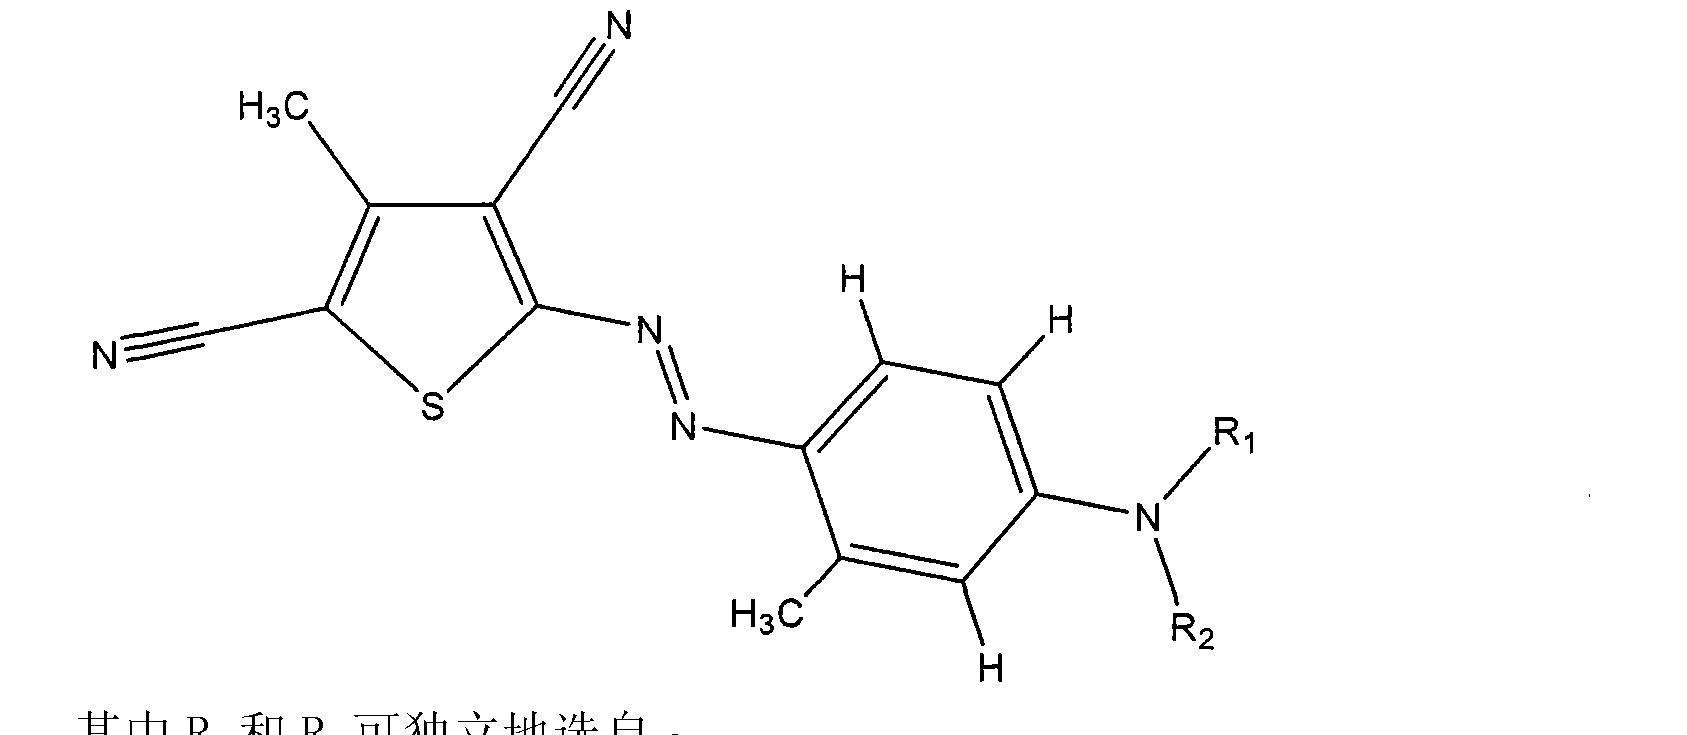 环氧丙烷,缩水甘油氧化物,环氧丁烷以及它们的混合物.